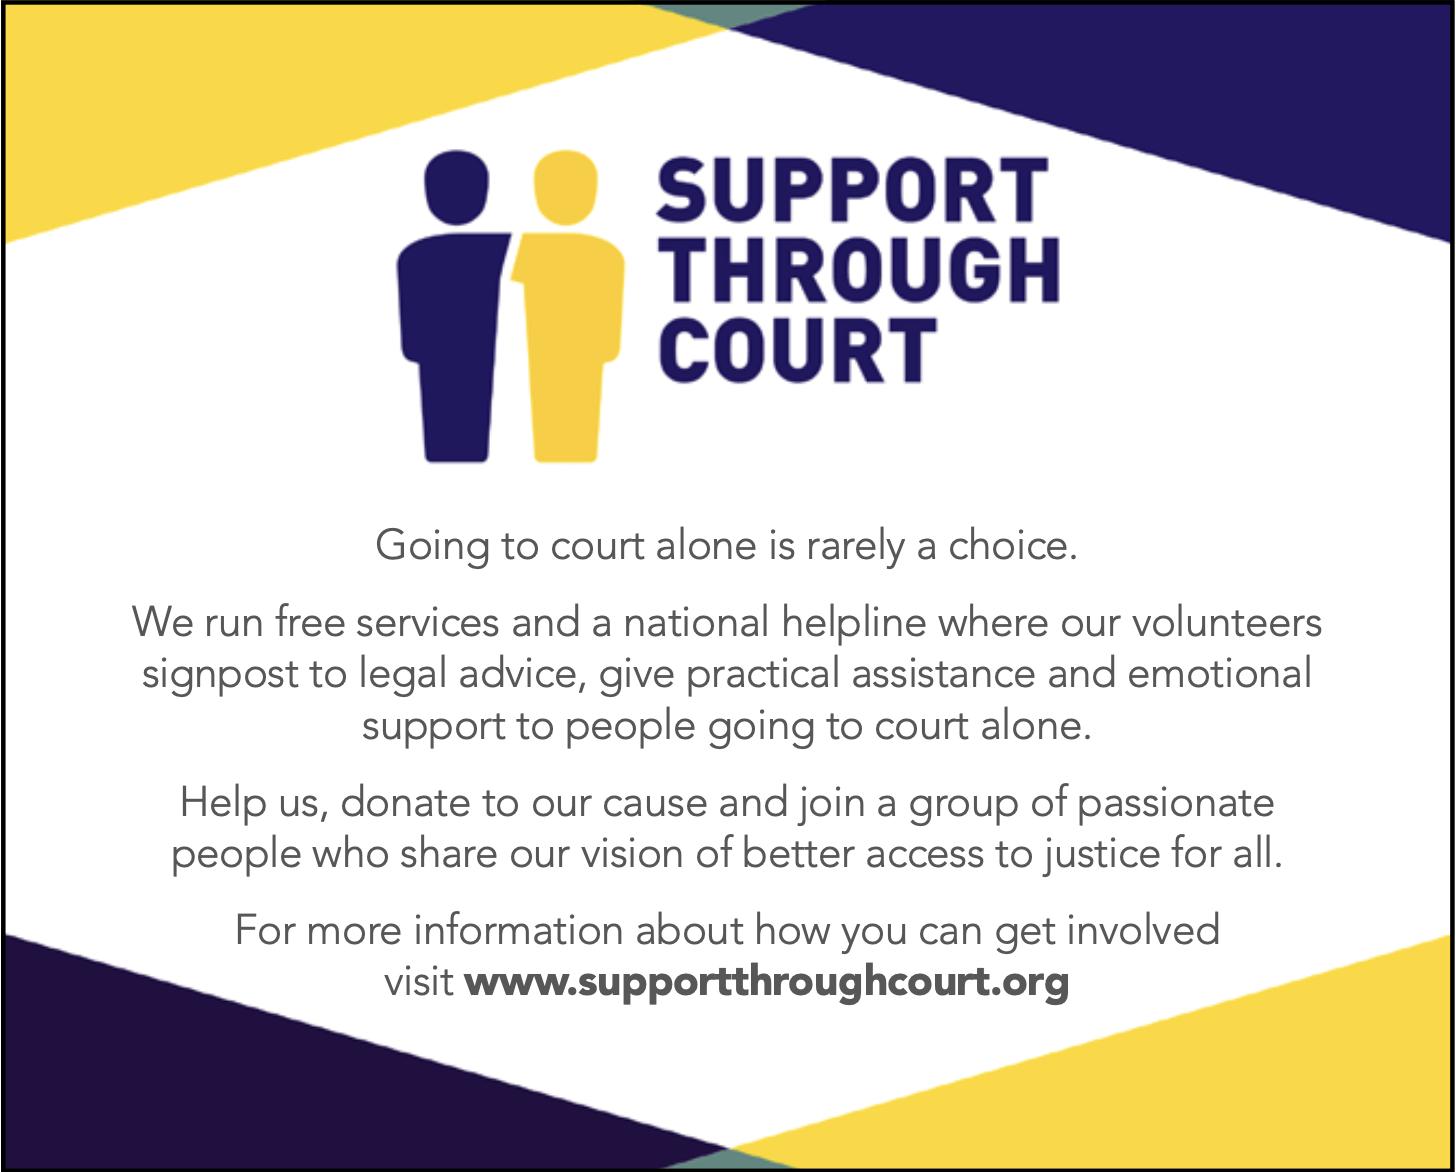 Support through court